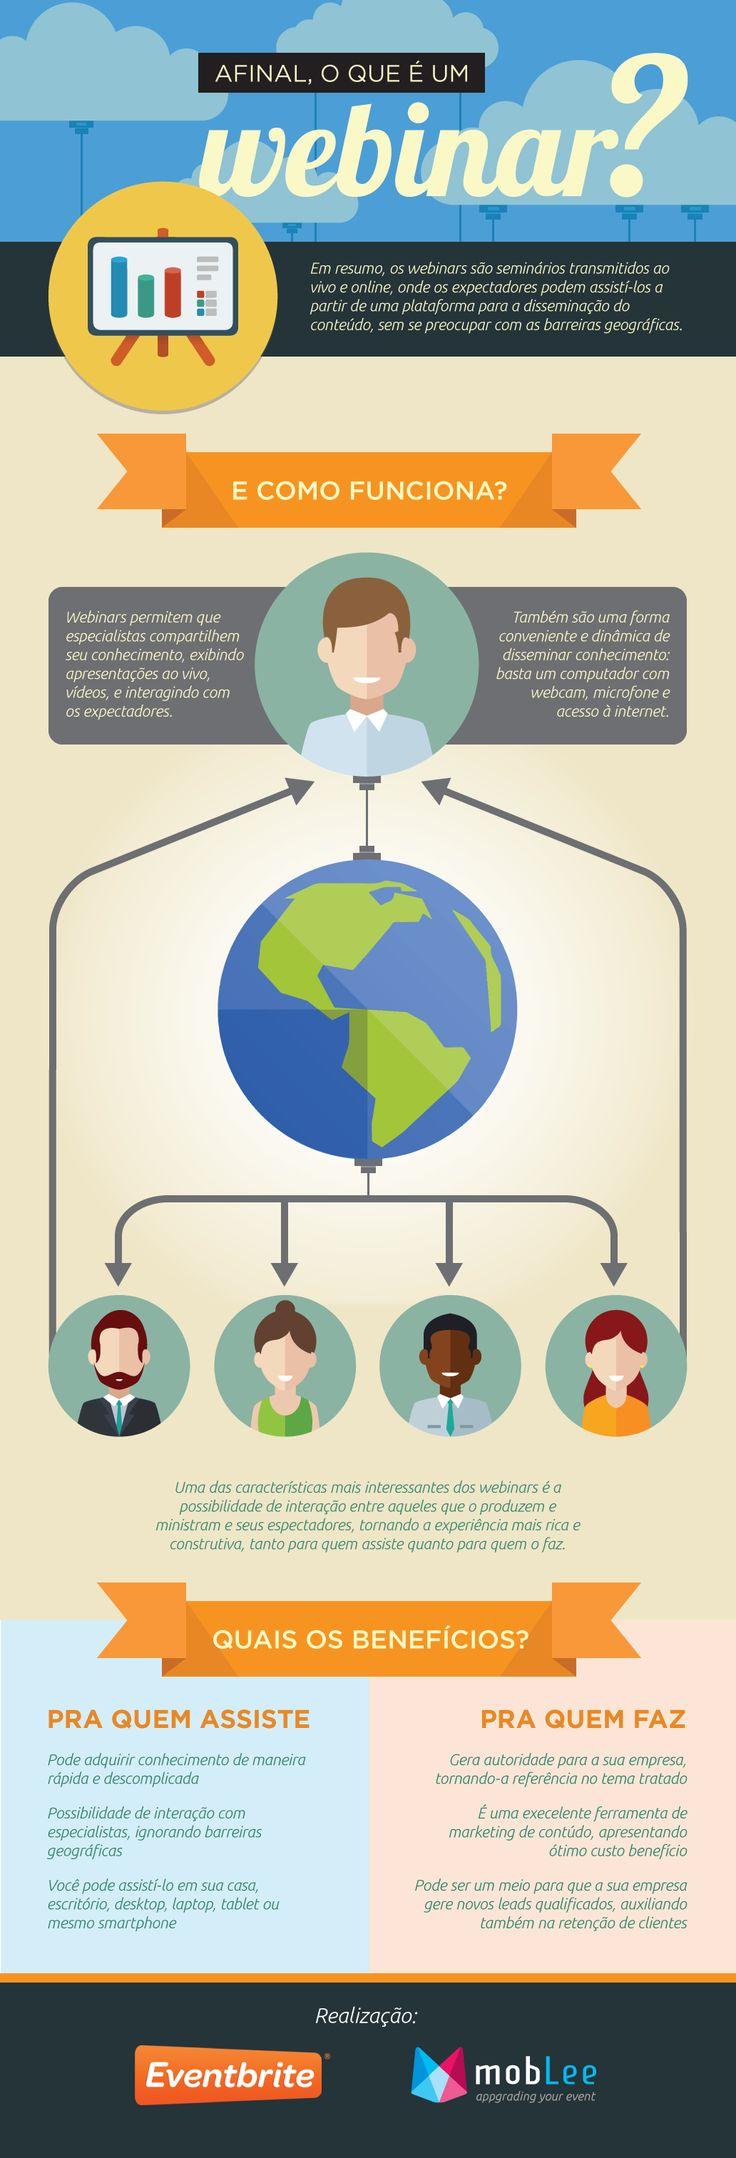 Como utilizar marketing de conteúdo para impulsionar o seu evento?